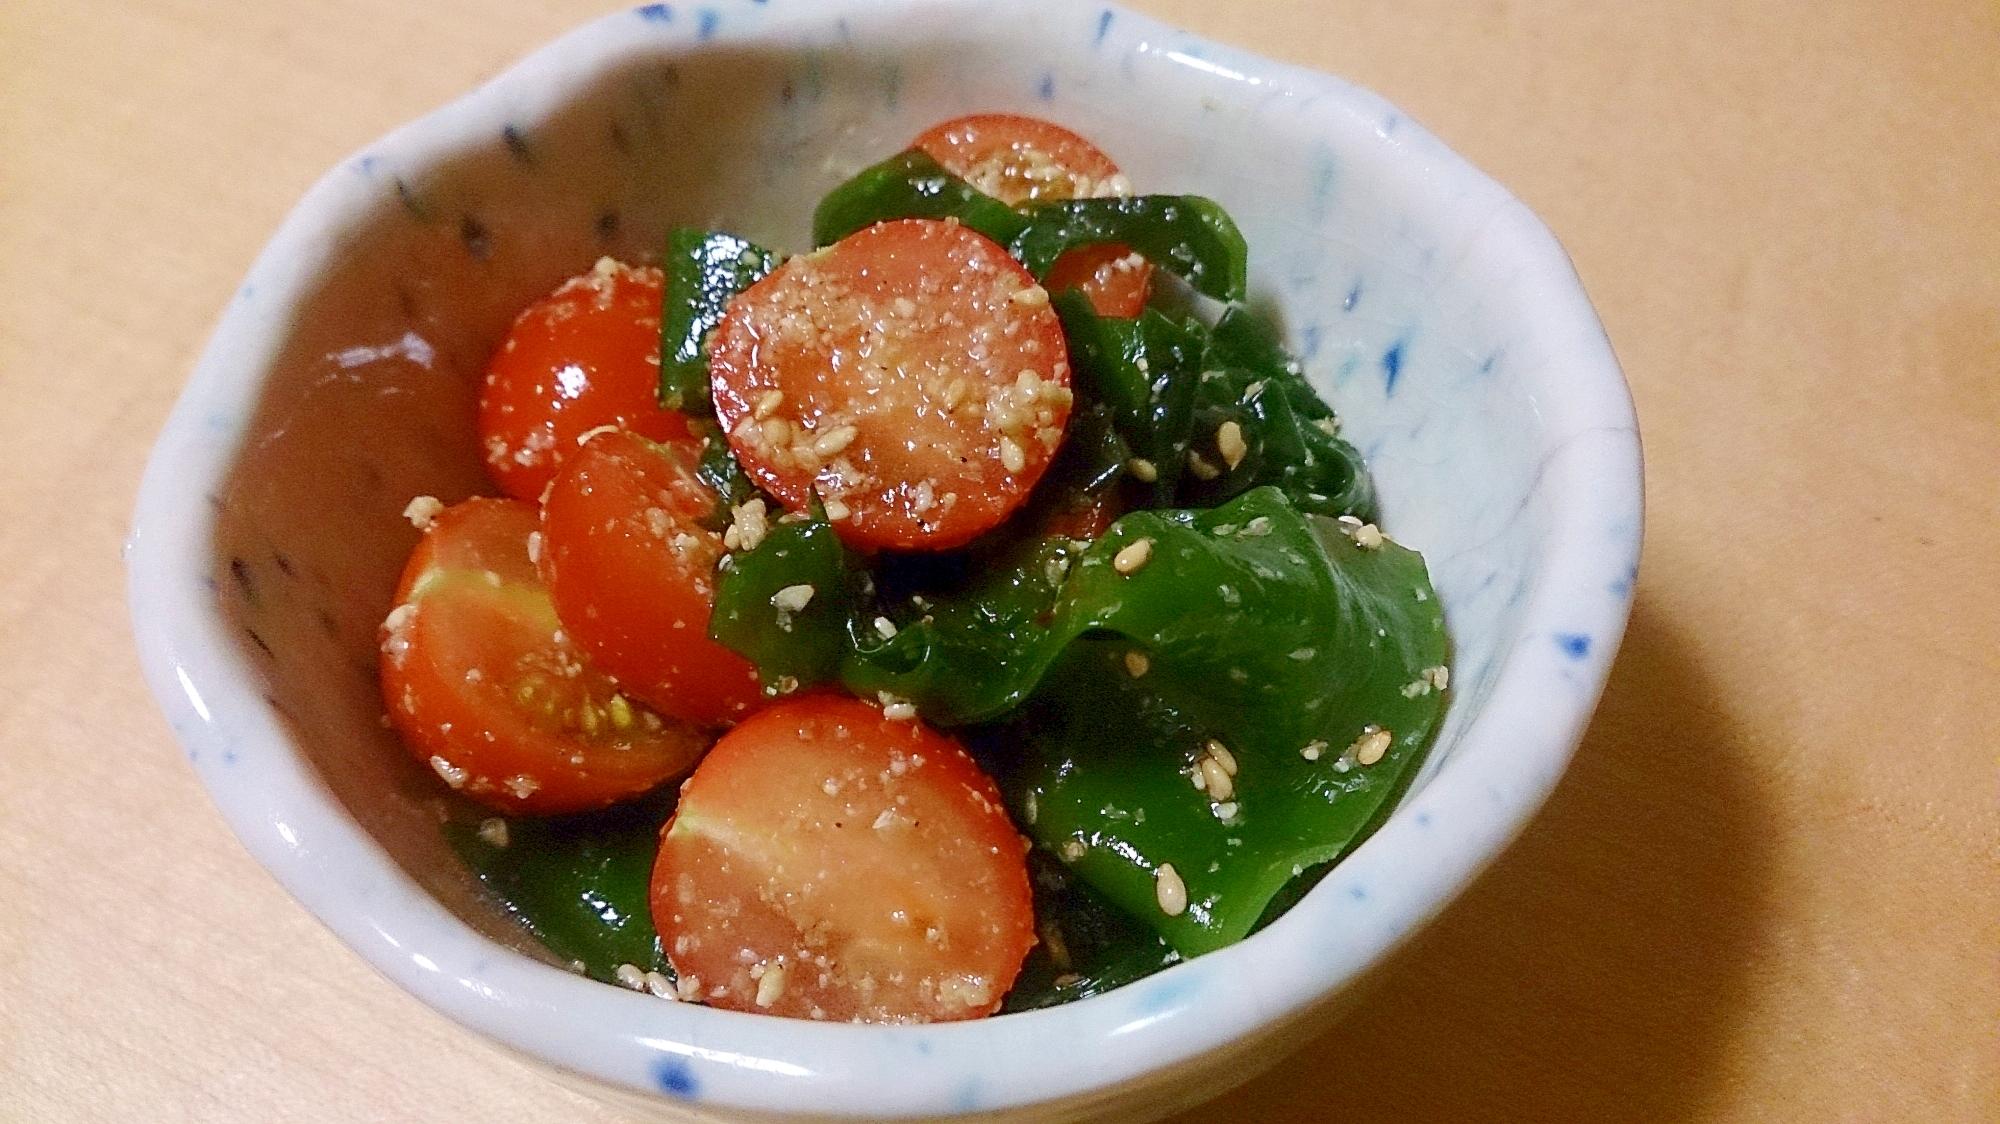 ワカメ&トマトの合えもの~食材2点で簡単副菜